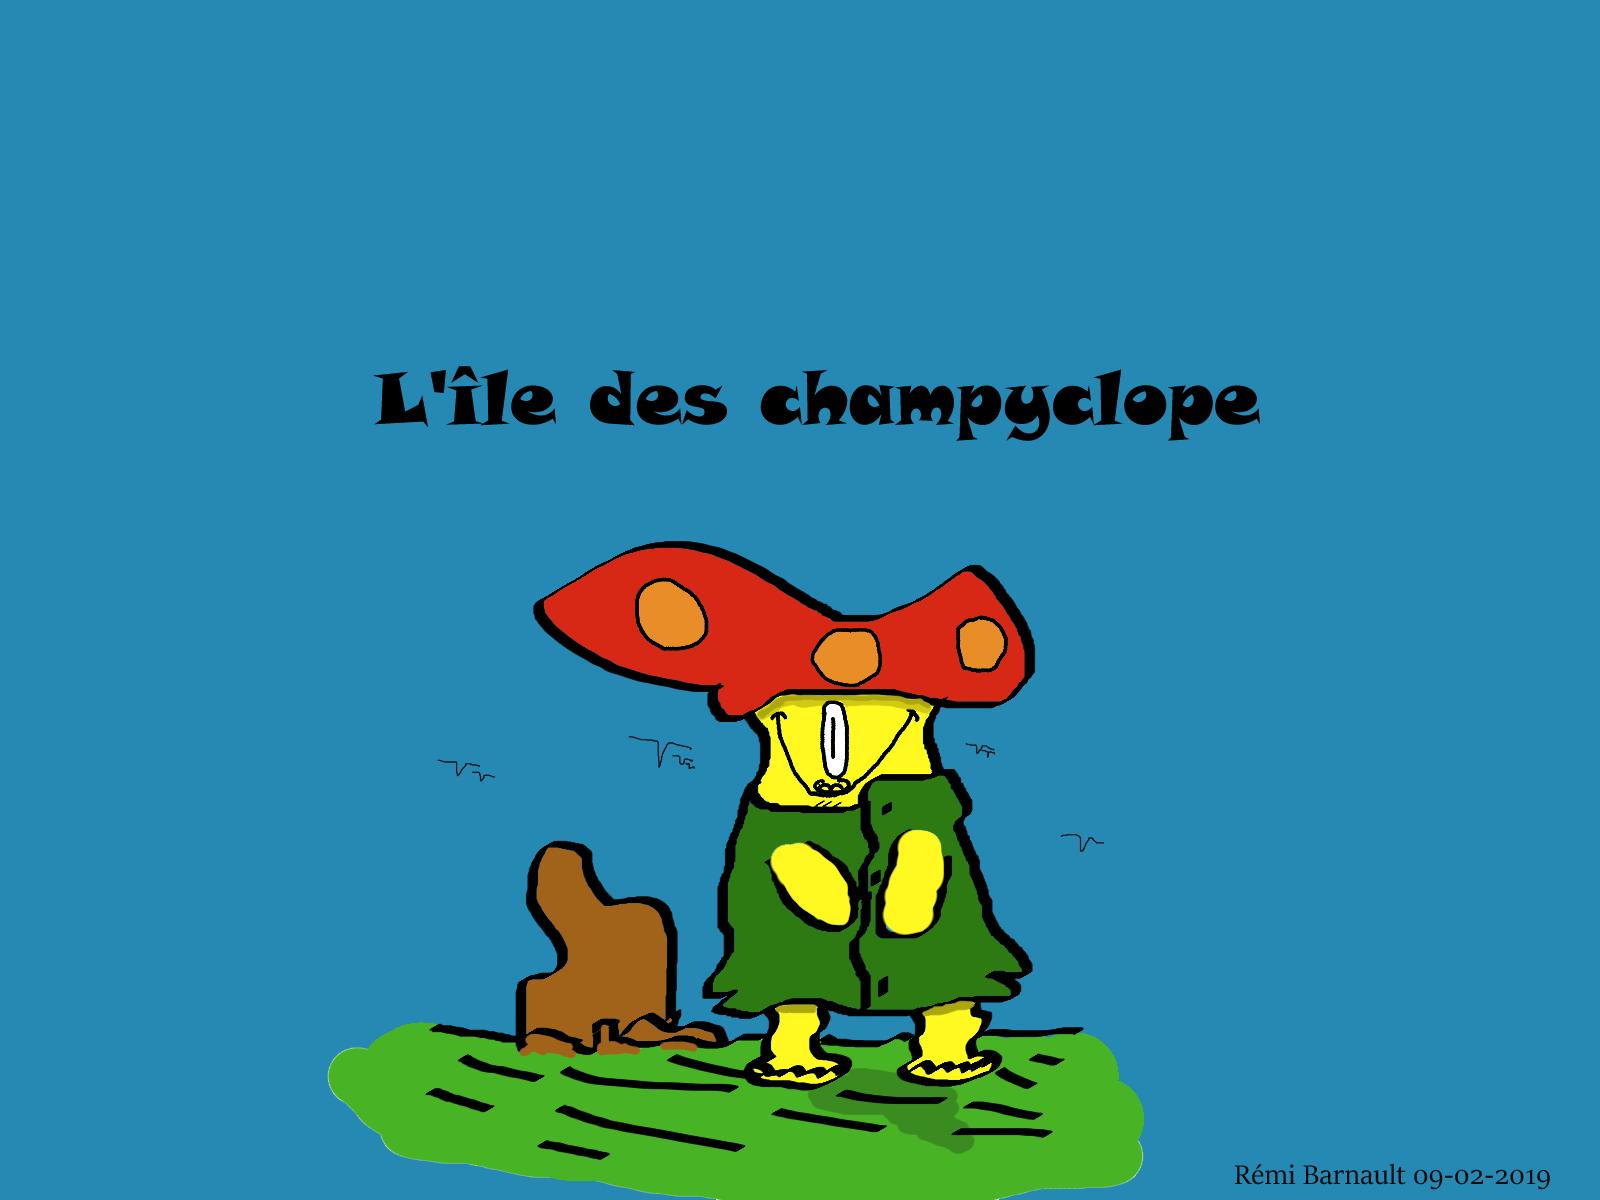 Champyclope